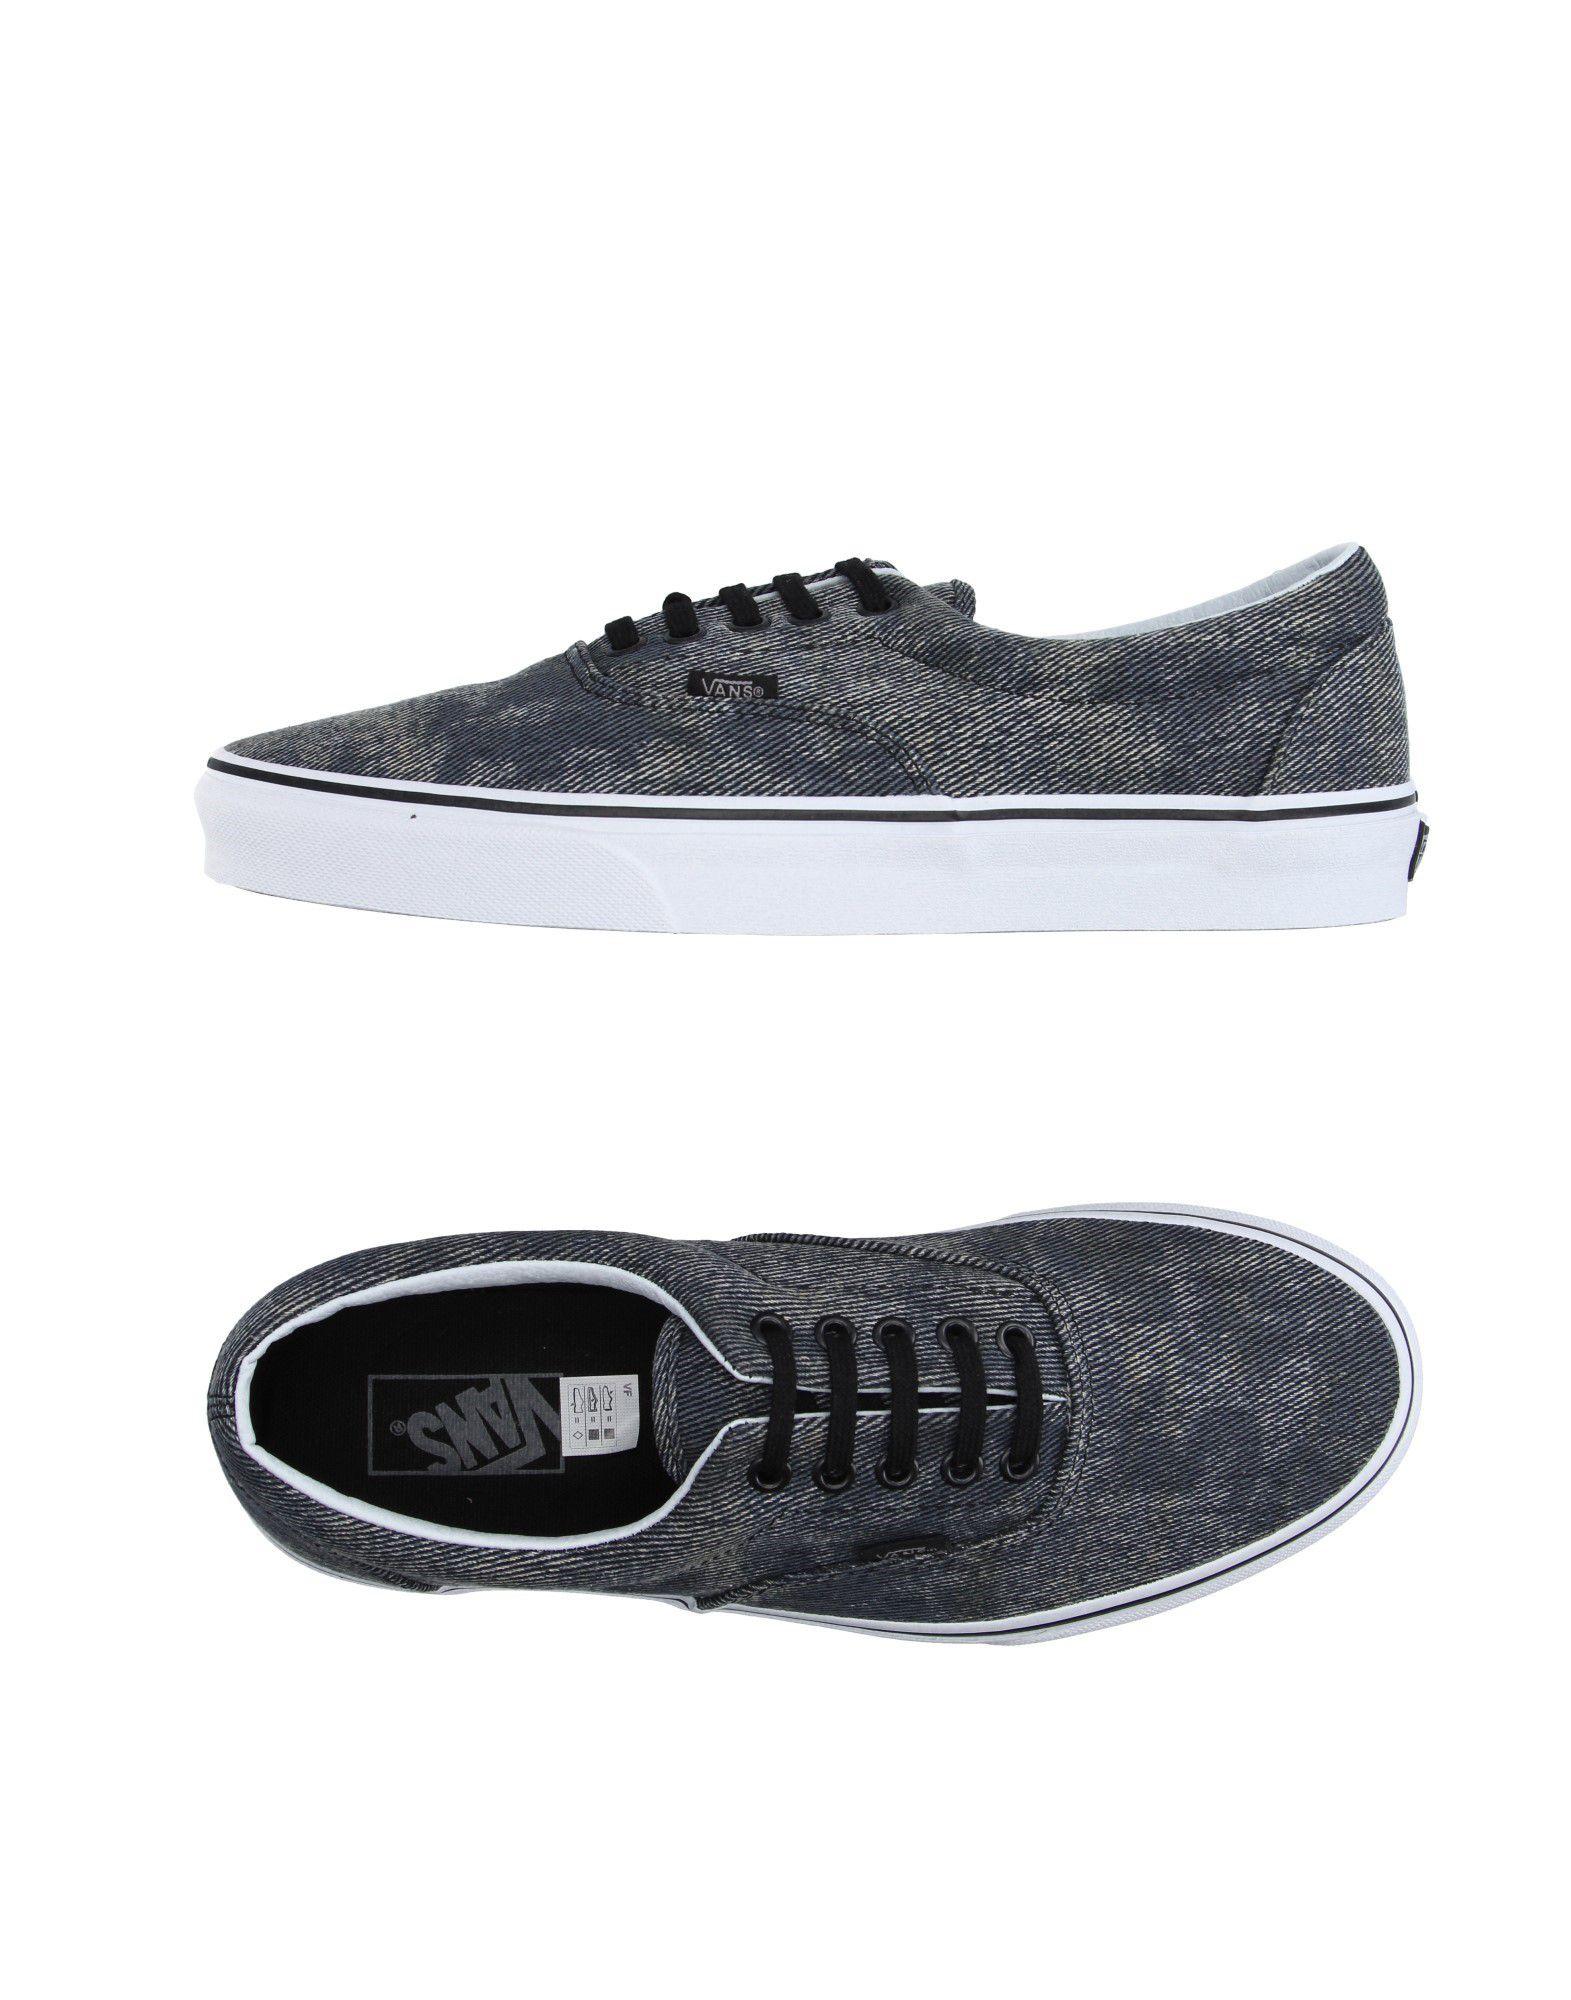 Rabatt Vans echte Schuhe Vans Rabatt Sneakers Herren  11110160CU 93eee3